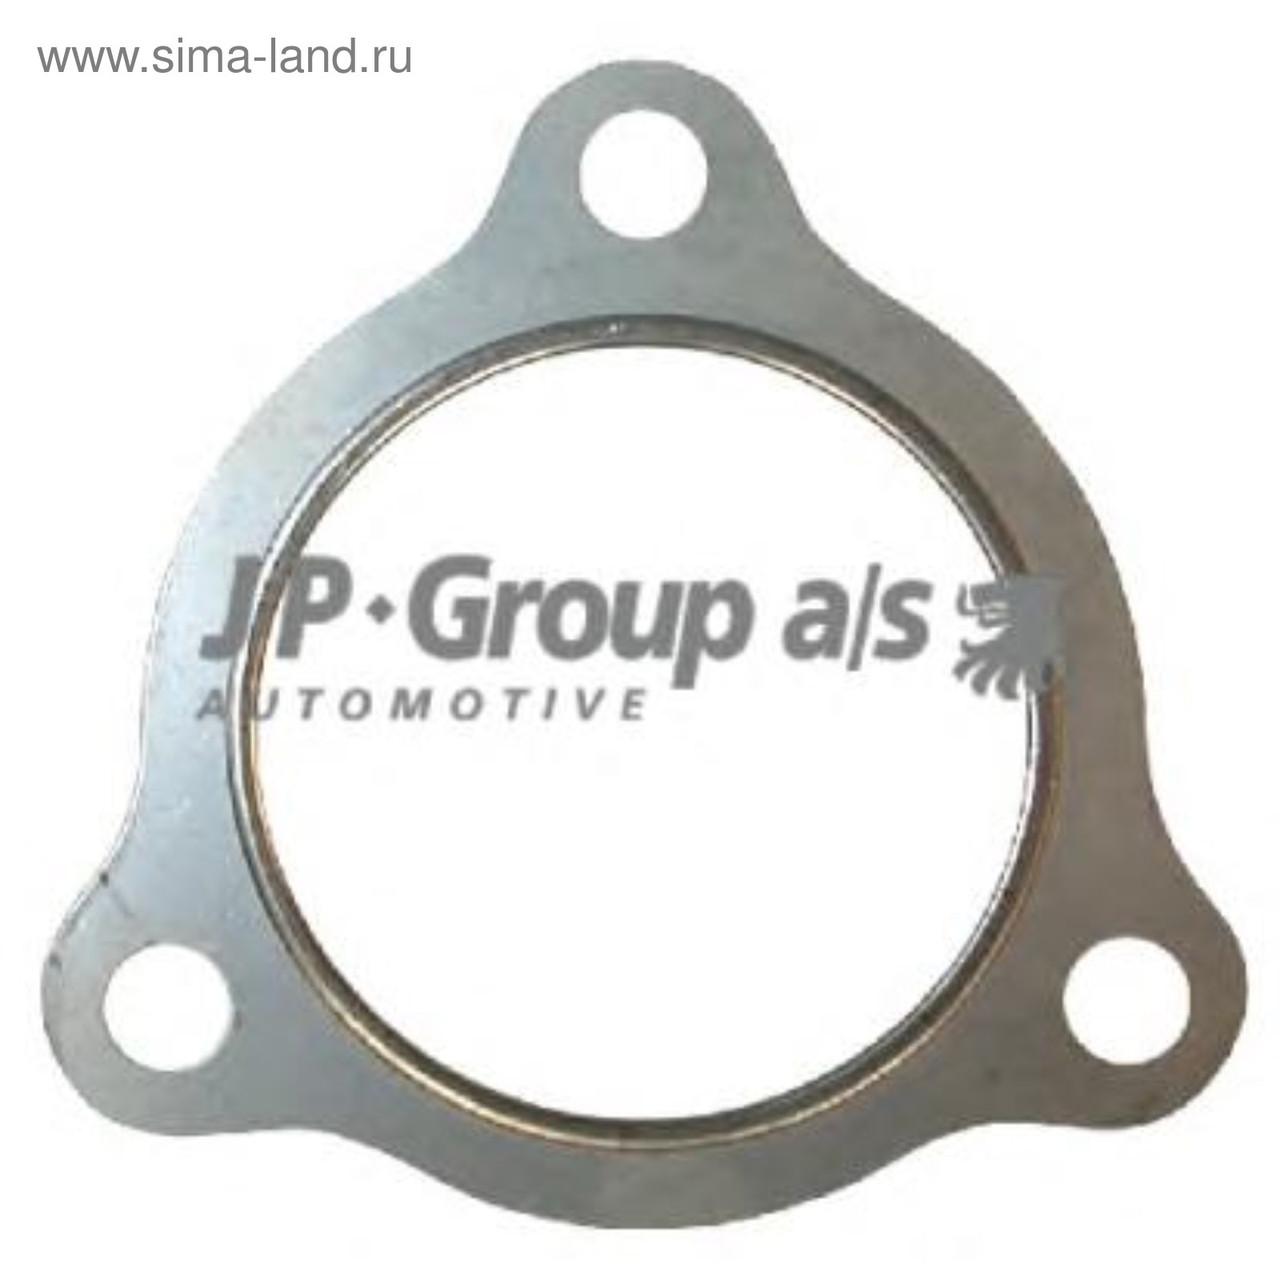 Про-ка штанов Audi A4/A6/A8 2.5/2.7/3.0TDi VW B-5 2.5TDi 60.3mm 1121102000